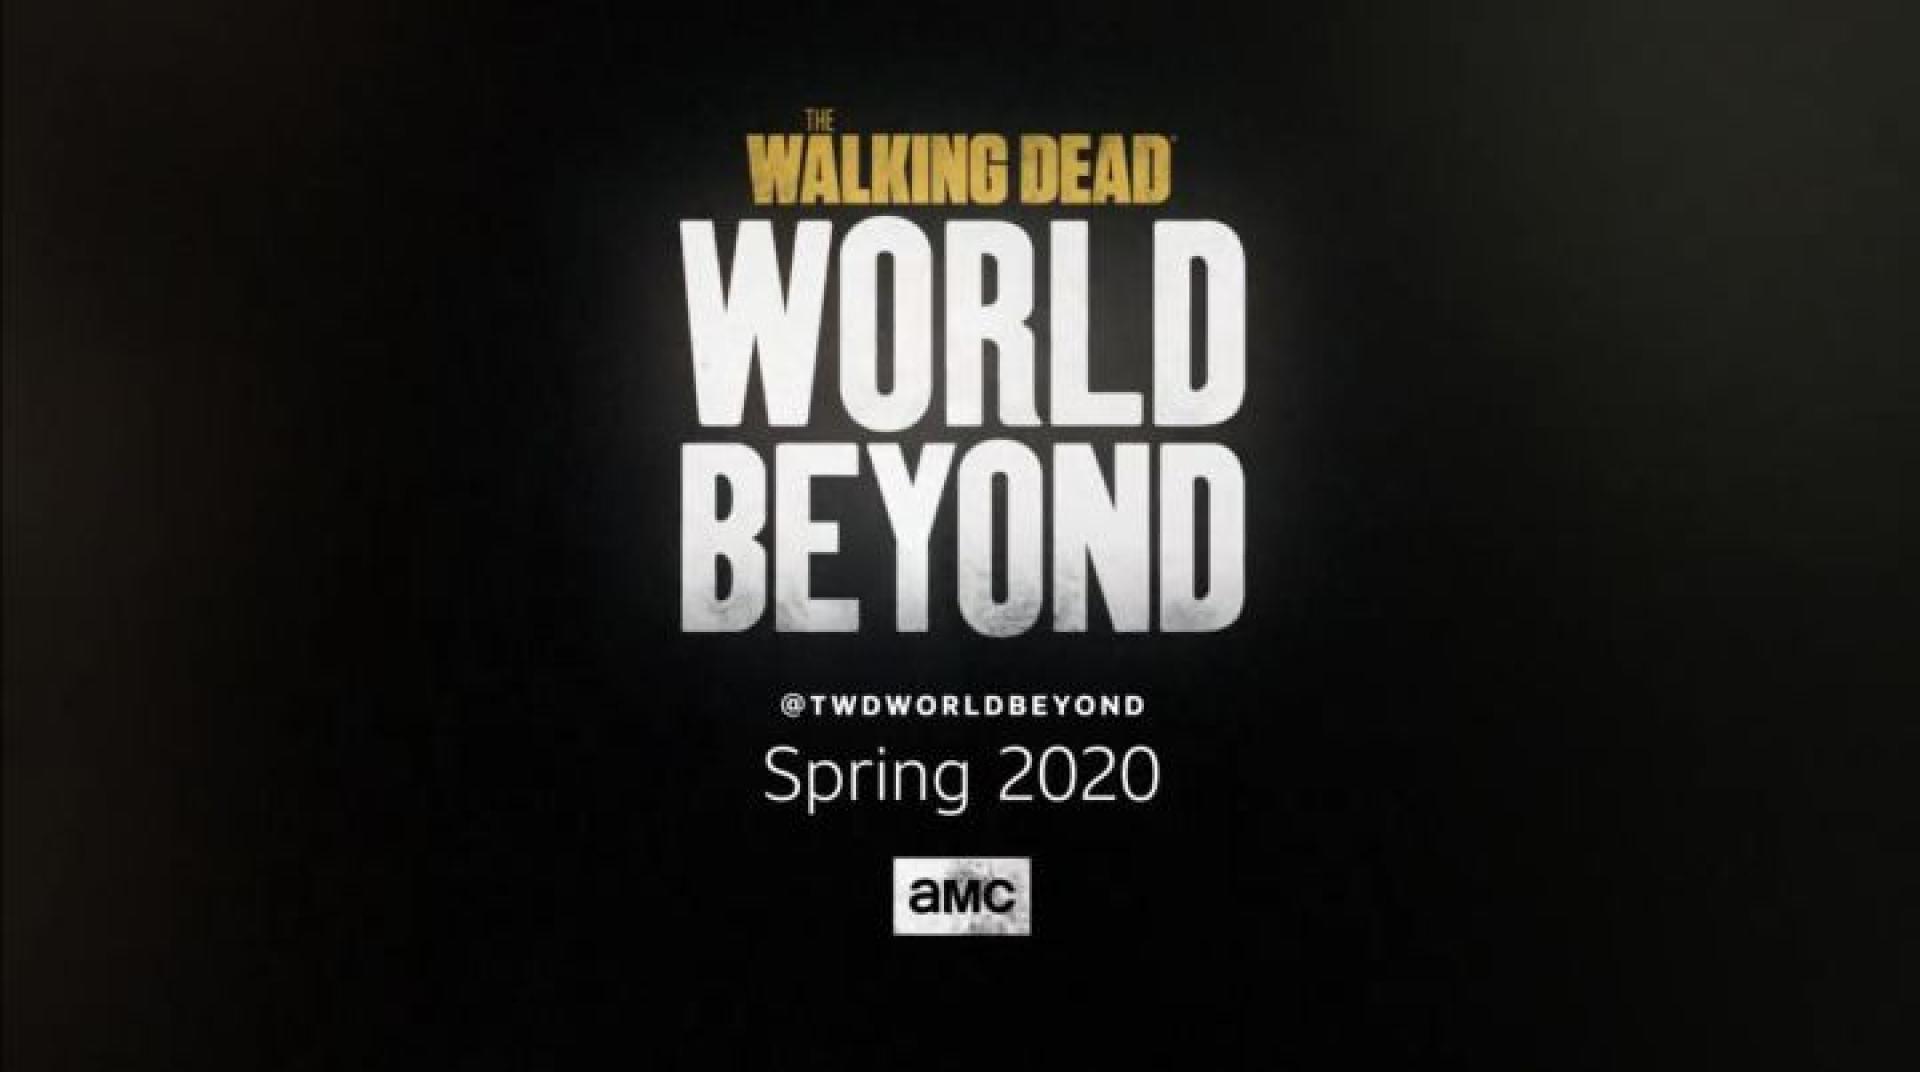 Jövő tavasszal érkezik az új The Walking Dead spinoff